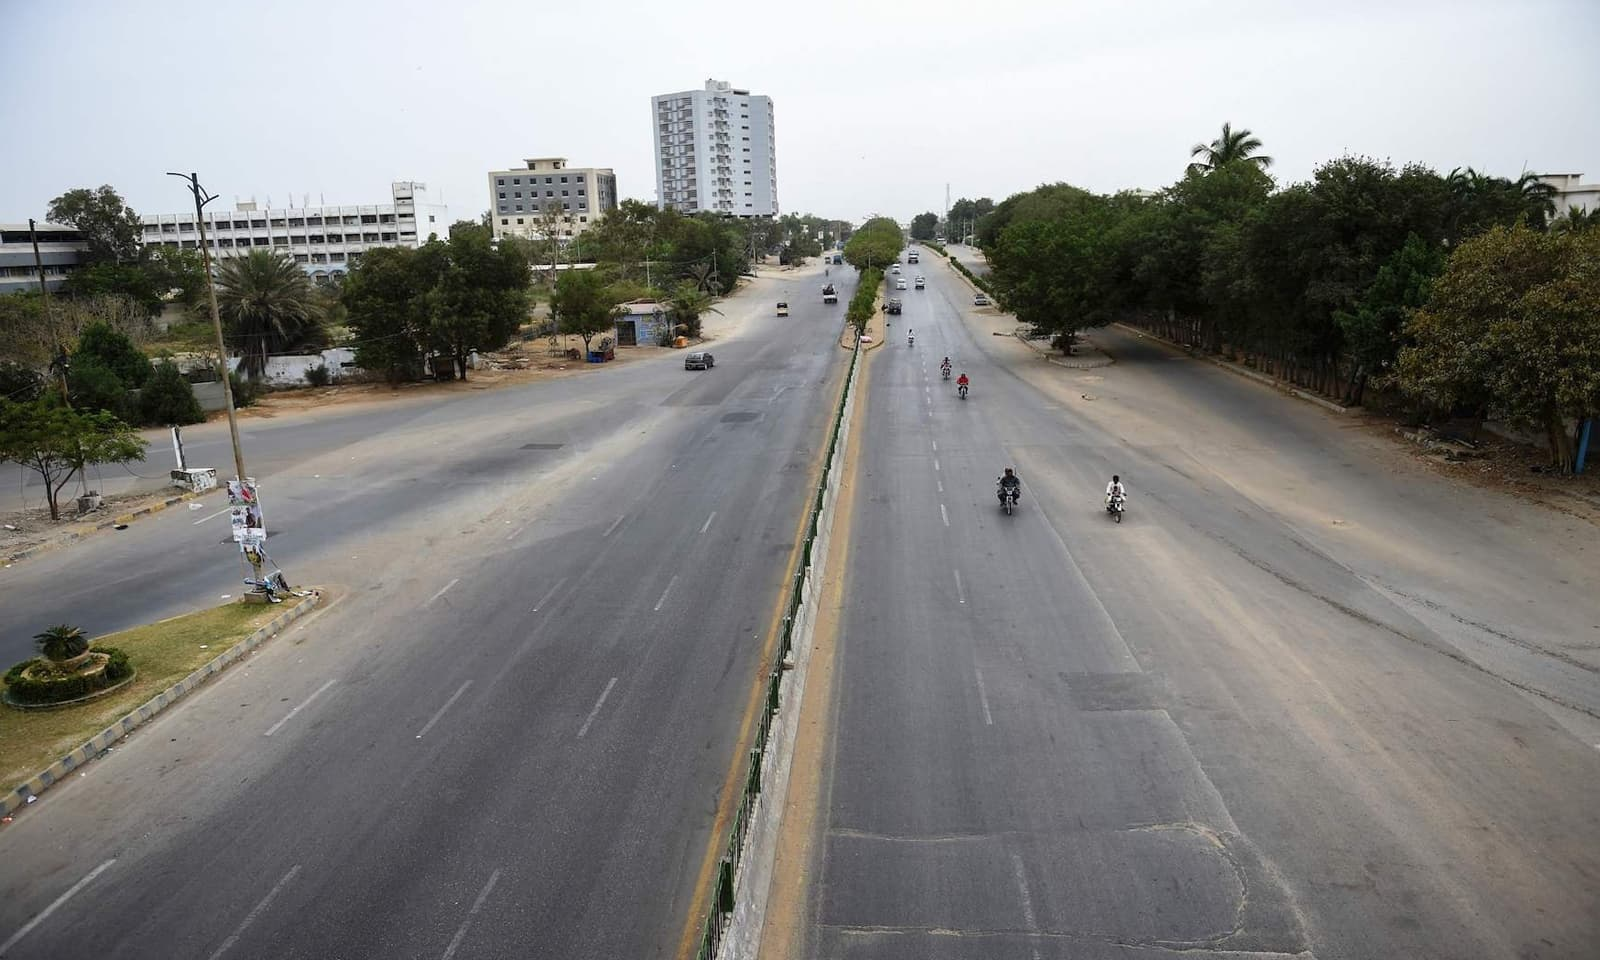 لاک ڈاؤن کے باعث کراچی کی سڑکیں سنسان نظر آرہی ہیں — فوٹو: اے ایف پی